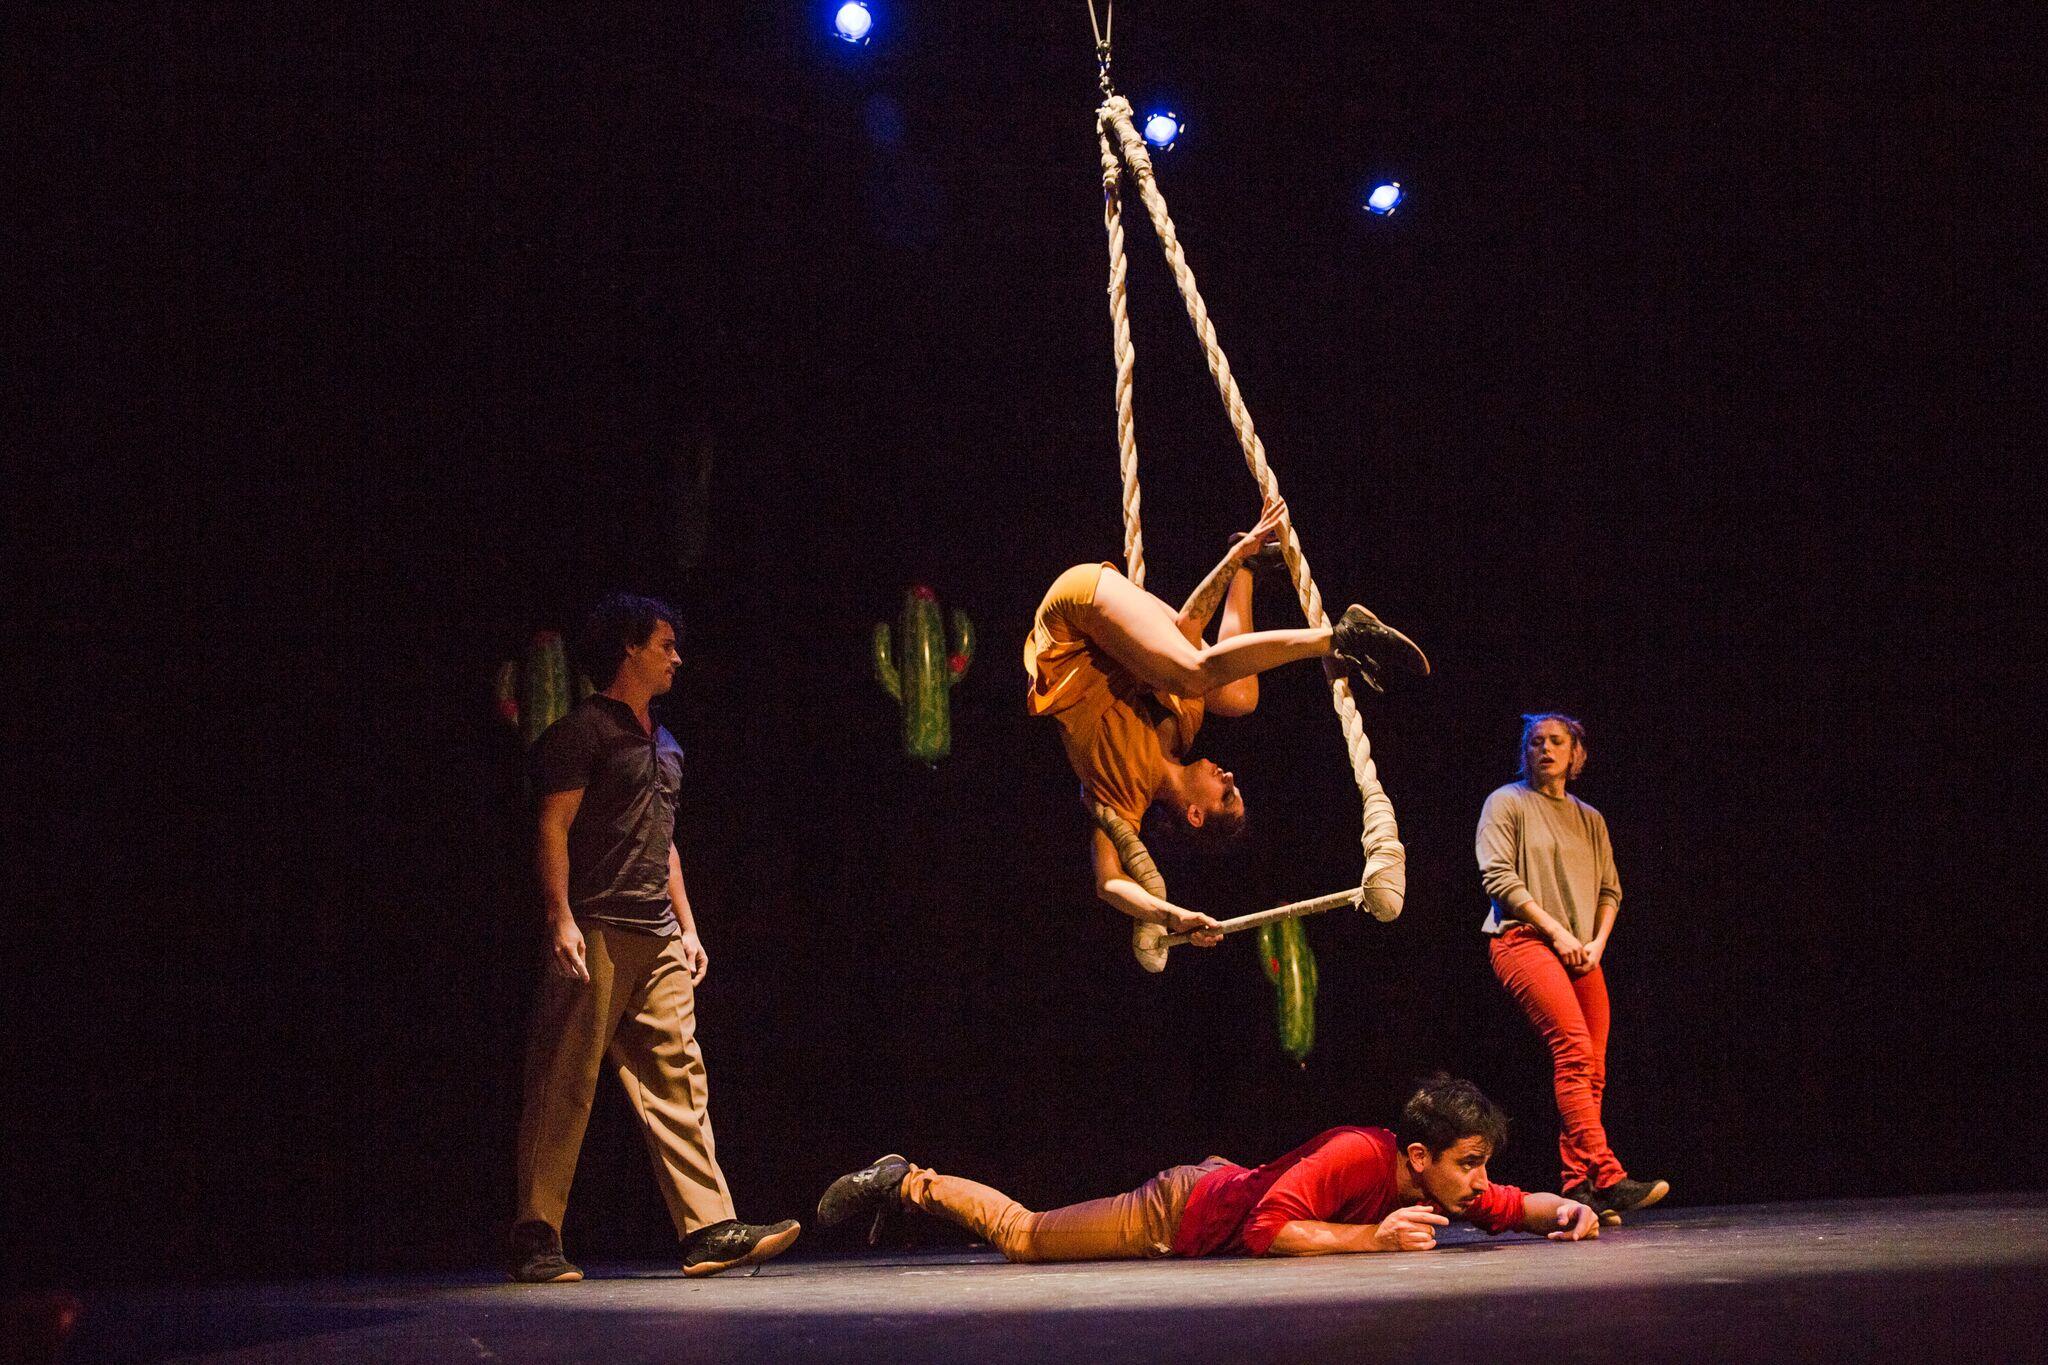 Philadelphia School of Circus Arts